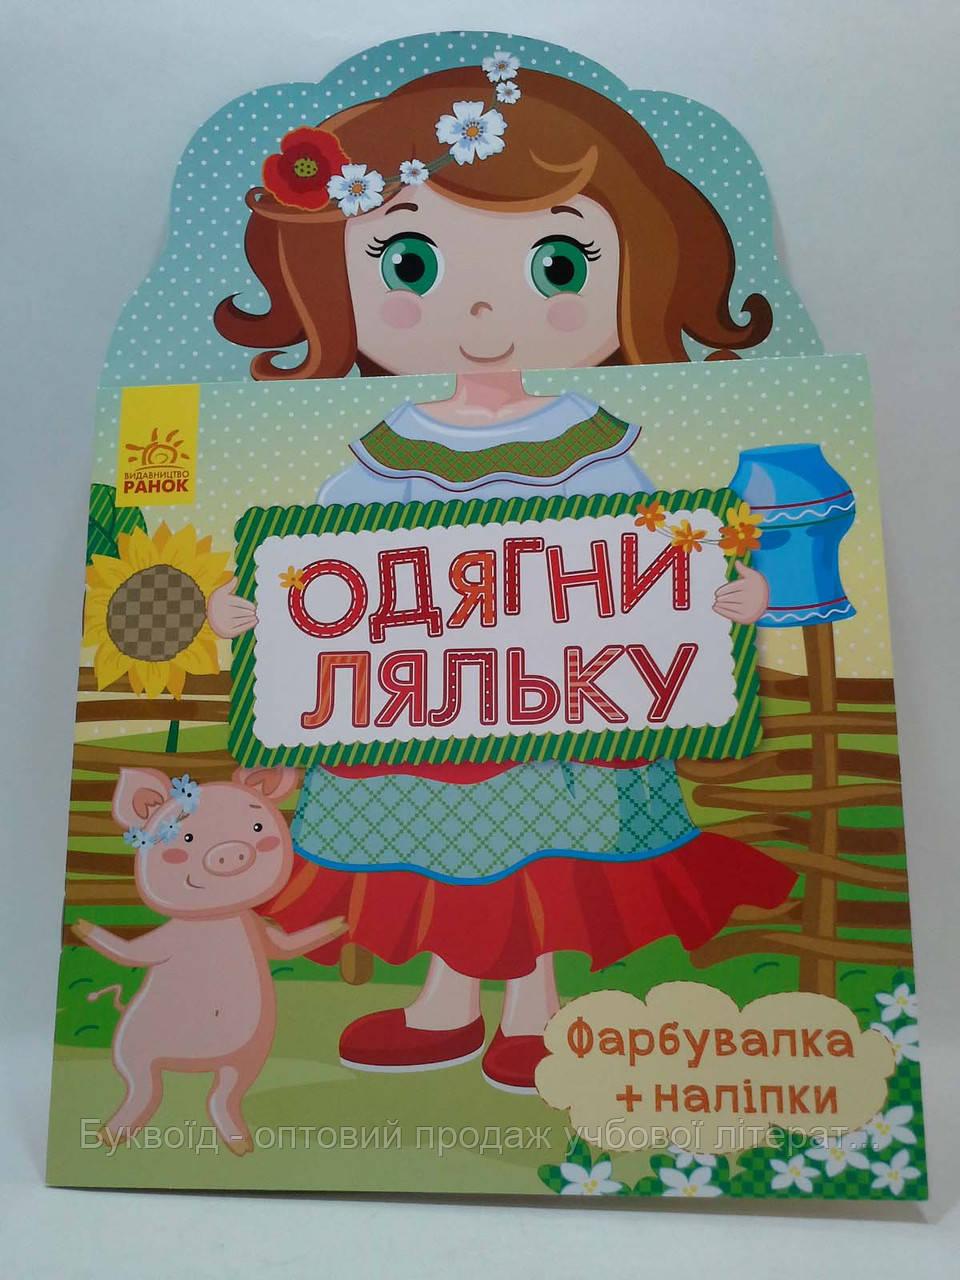 Ранок Одягни ляльку нова Україночка